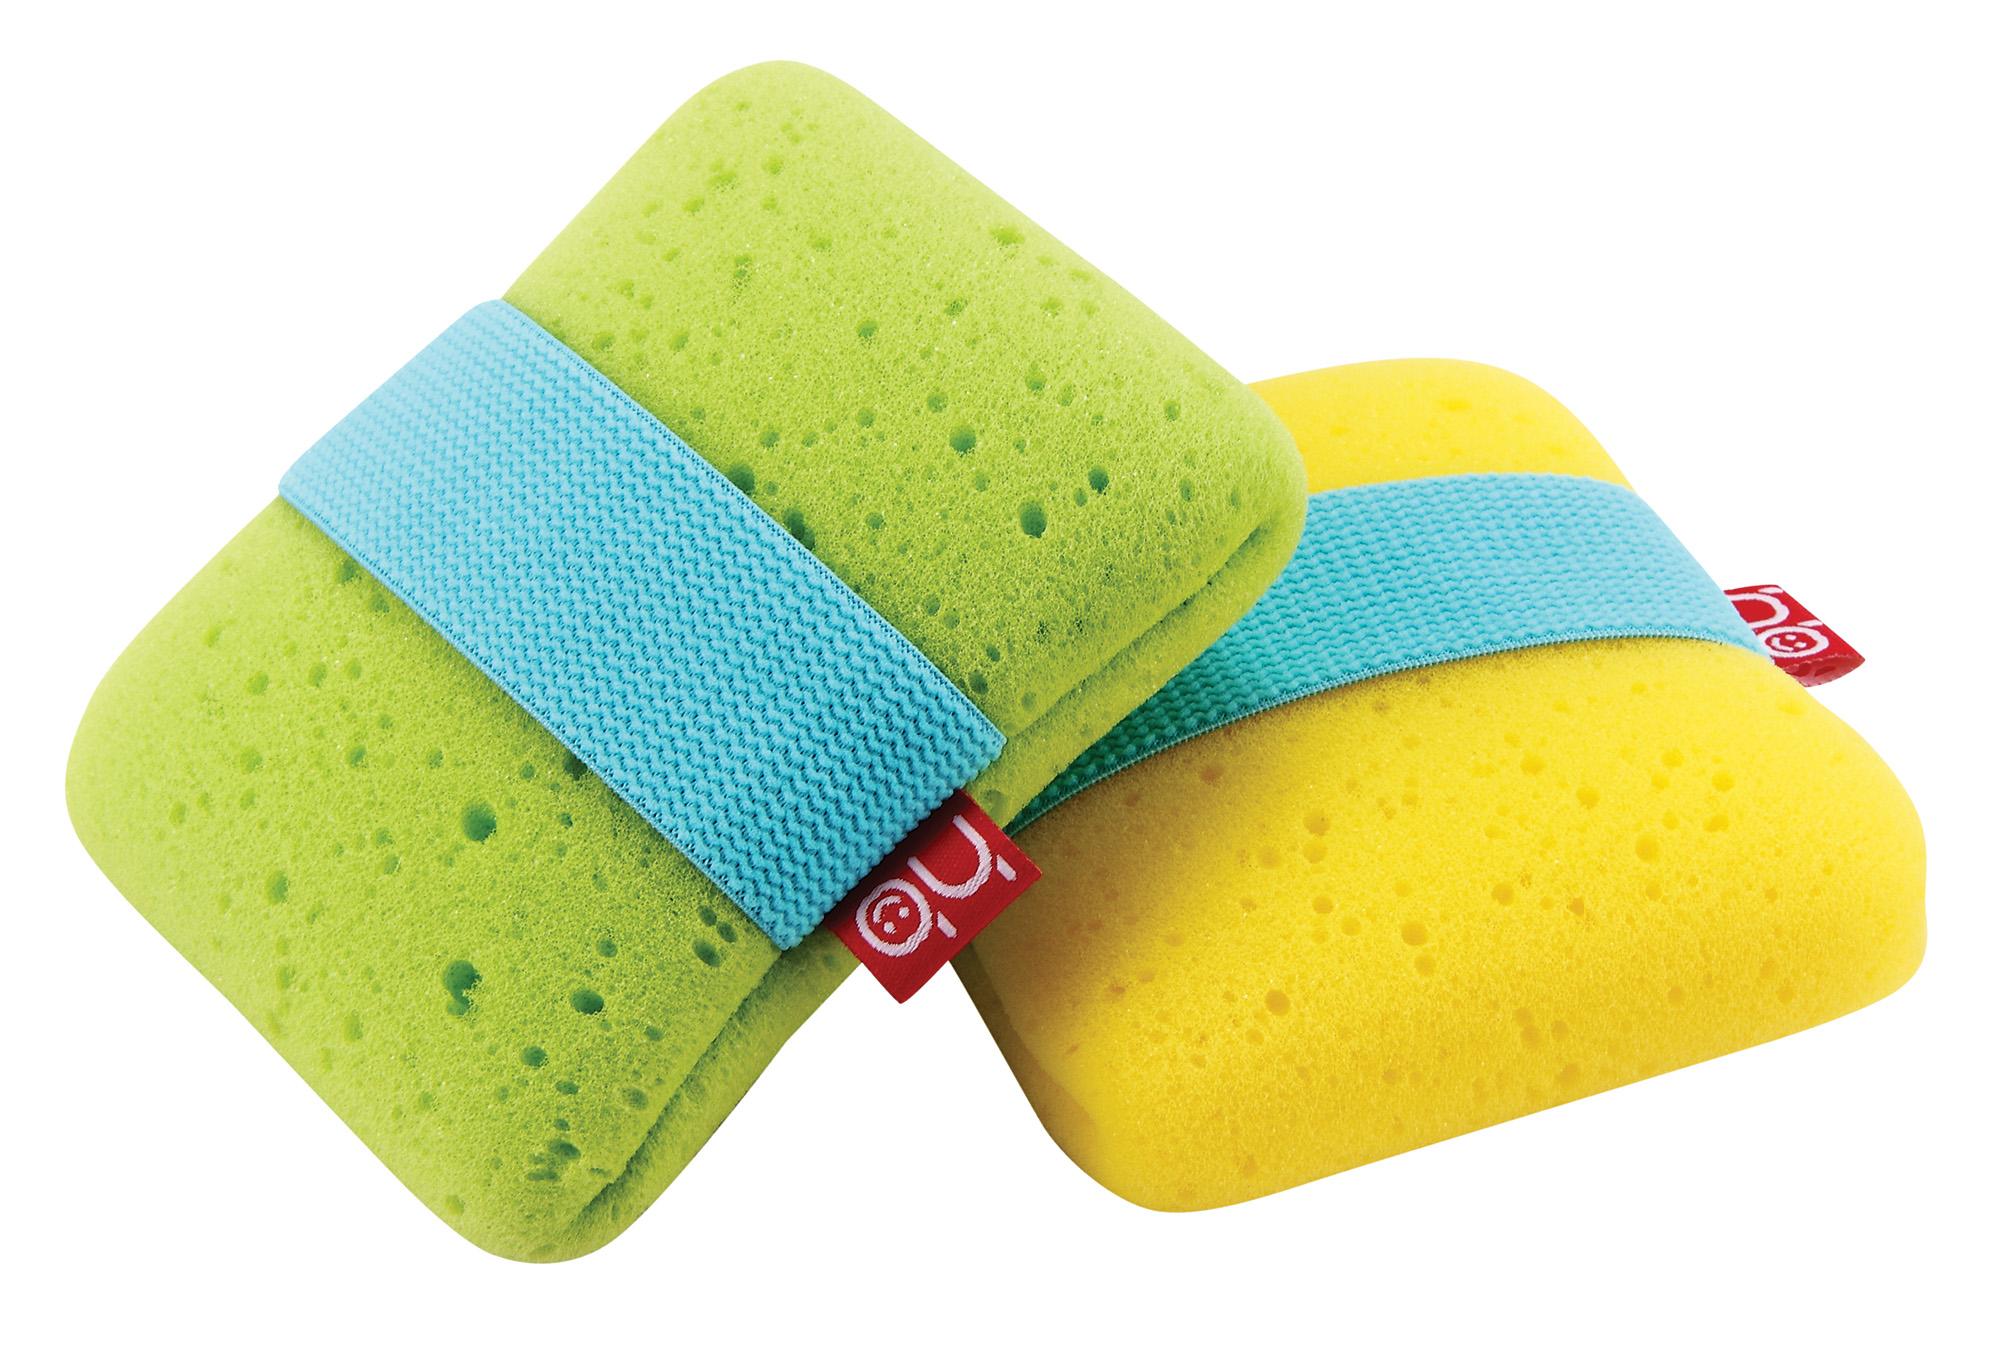 Happy Baby Мочалка Sponge+ с эластичным фиксатором на руку цвет зеленый35004_зеленыйМягкая мочалка Sponge+ разработана специально для нежной кожи малыша. Прекрасно подходит для новорожденных. Благодаря высококачественному мягкому материалу, из которого выполнена мочалка, купание для вашего ребёнка станет ещё приятней. Эластичная резинка позволит плотно зафиксировать мочалку на руке. Для большего удобства имеется маленький кармашек, в который можно при необходимости положить мыло.